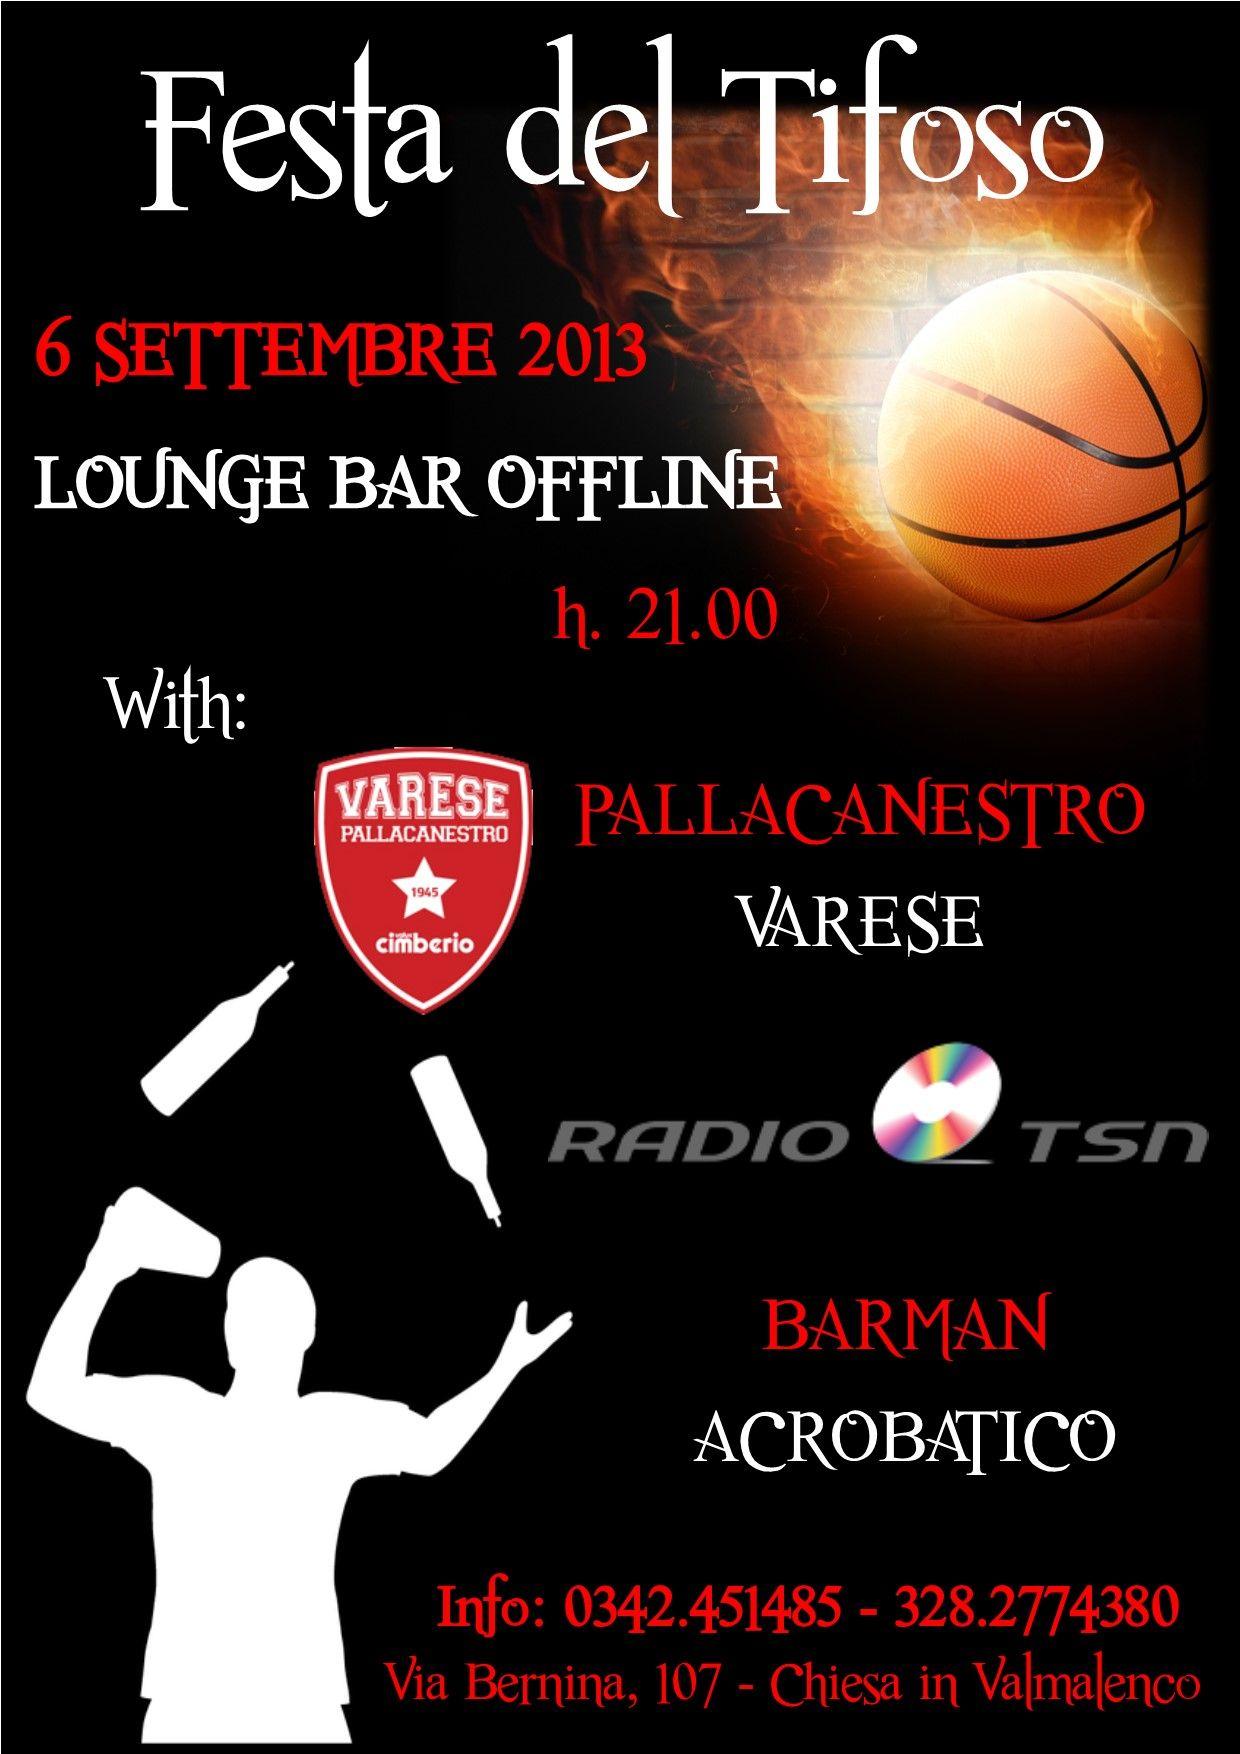 Seconda Festa del Tifoso in Valmalenco (SO) per la prima squadra della Serie A del Basket: il Varese.